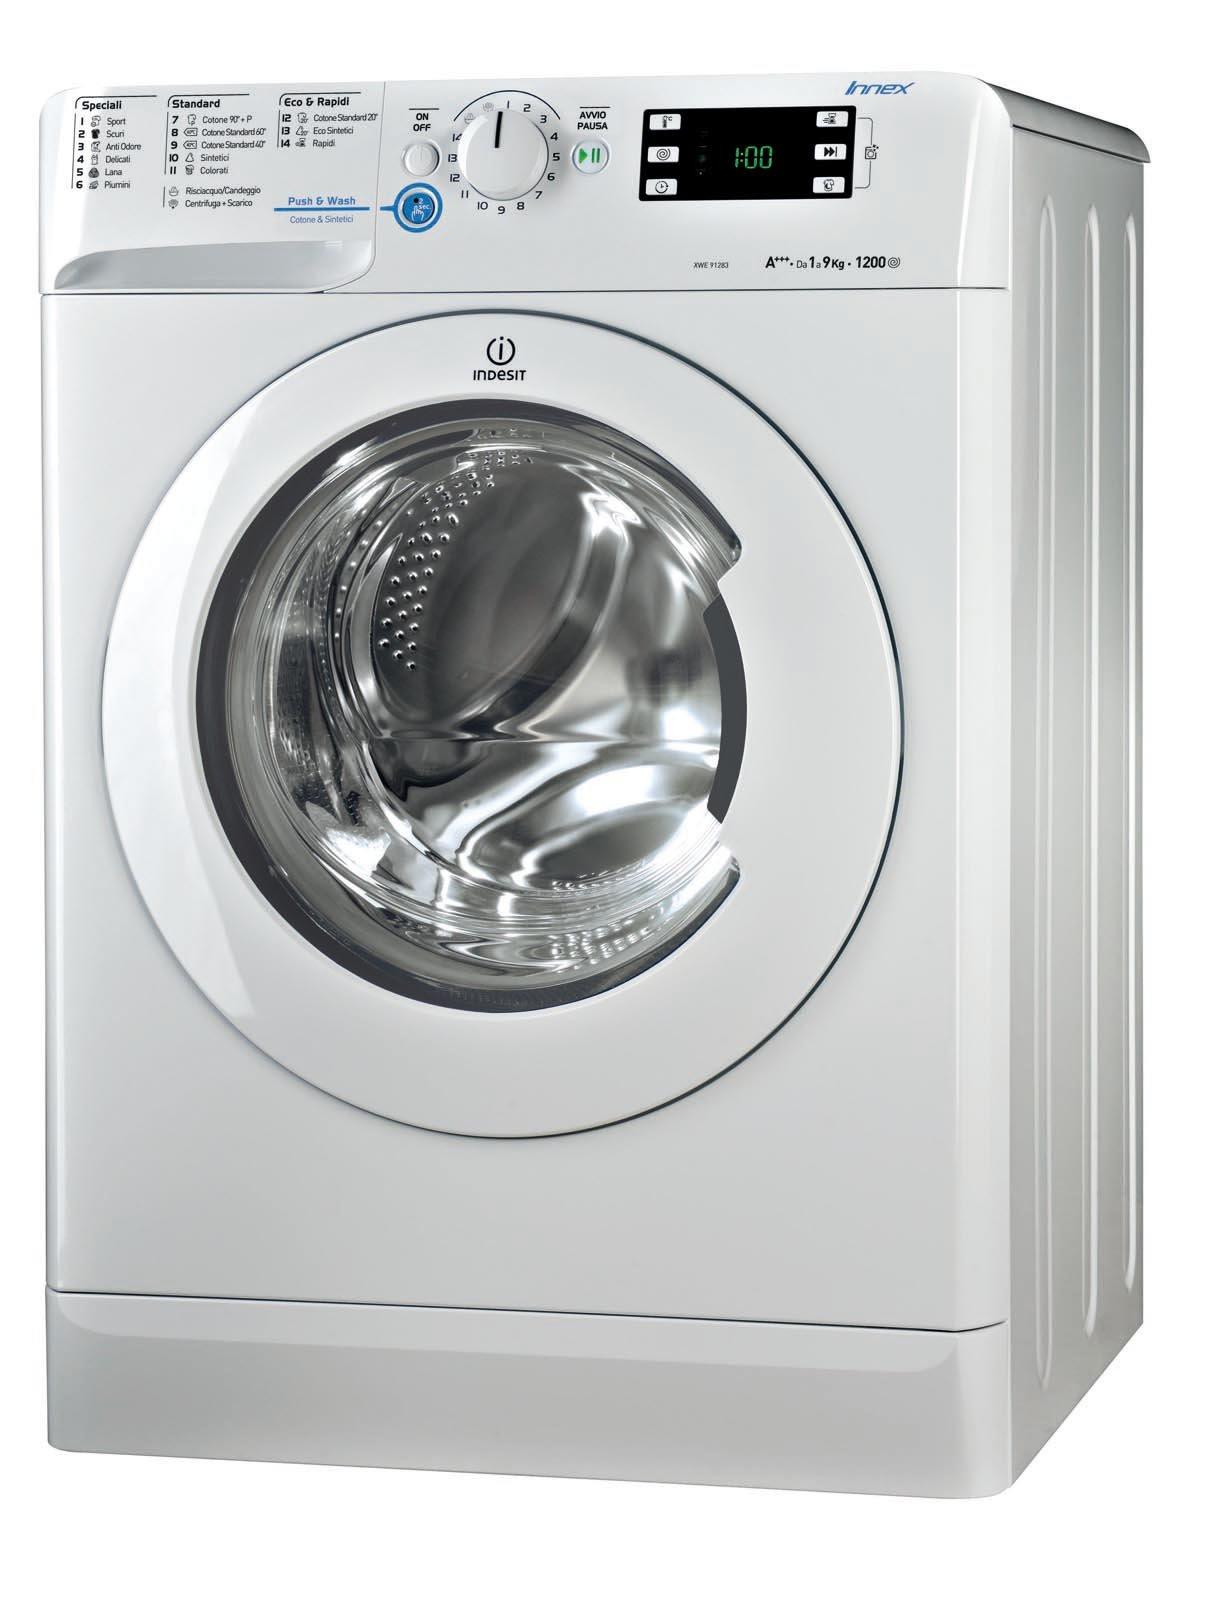 lavatrici il modello giusto per ogni esigenza cose di casa